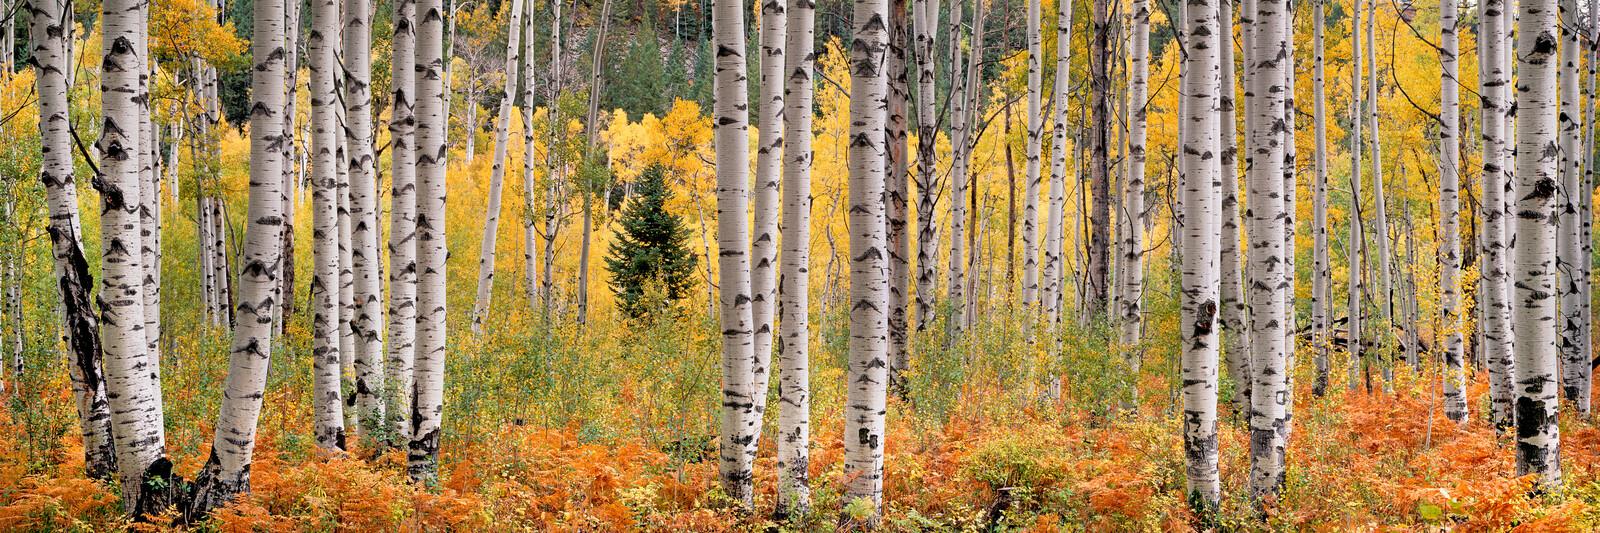 Rusty Ferns and Autumn Aspens - Steven Friedman